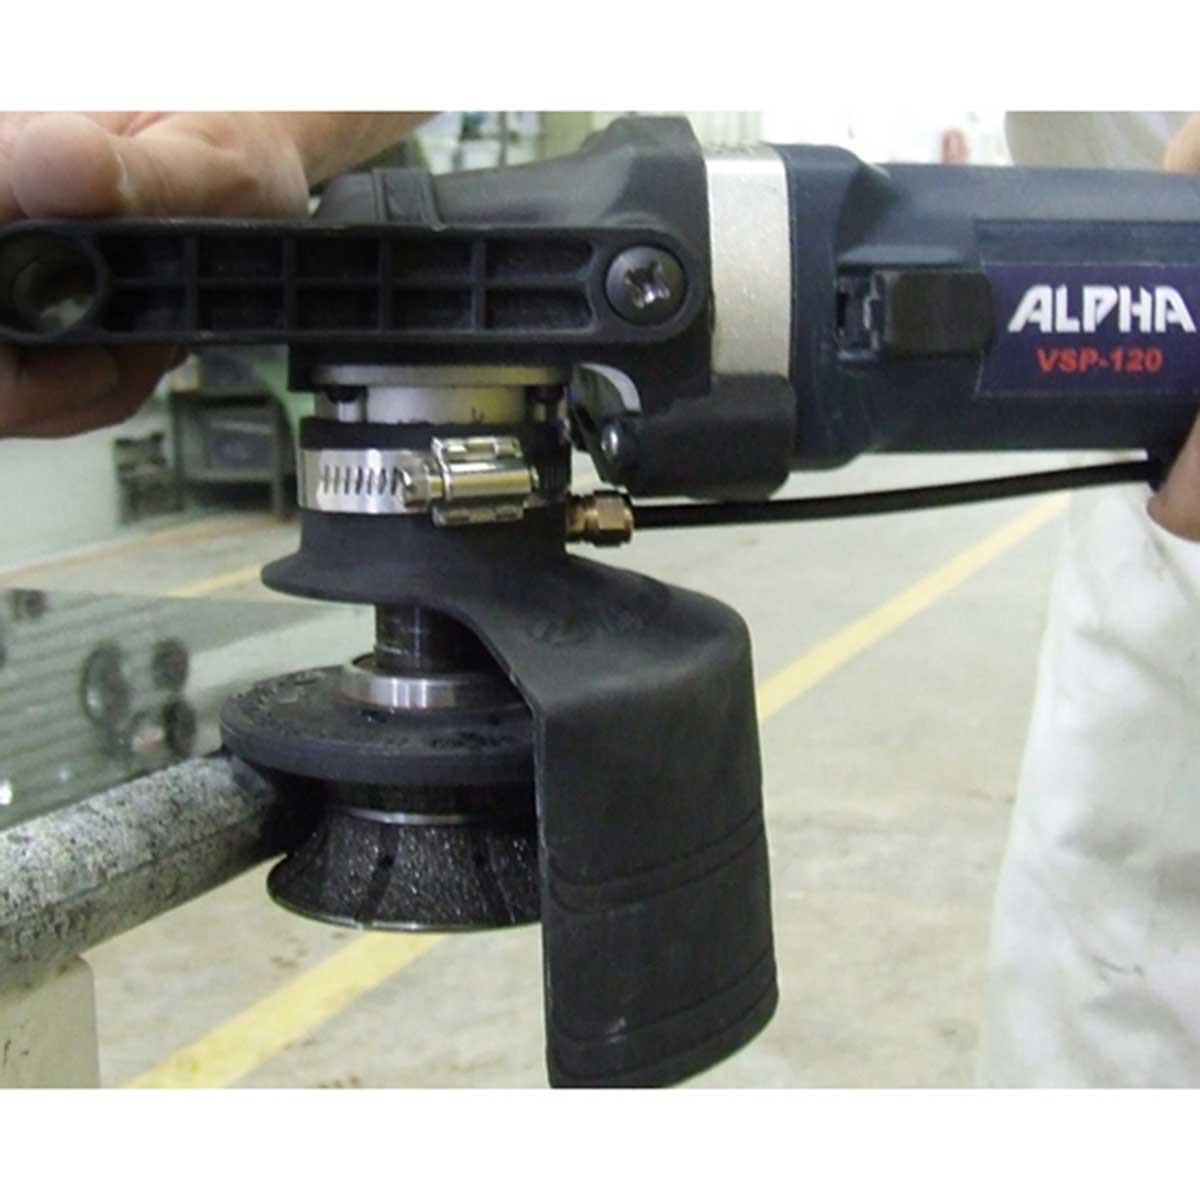 PFV401 Wet Profiler V Full Bullnose Bit